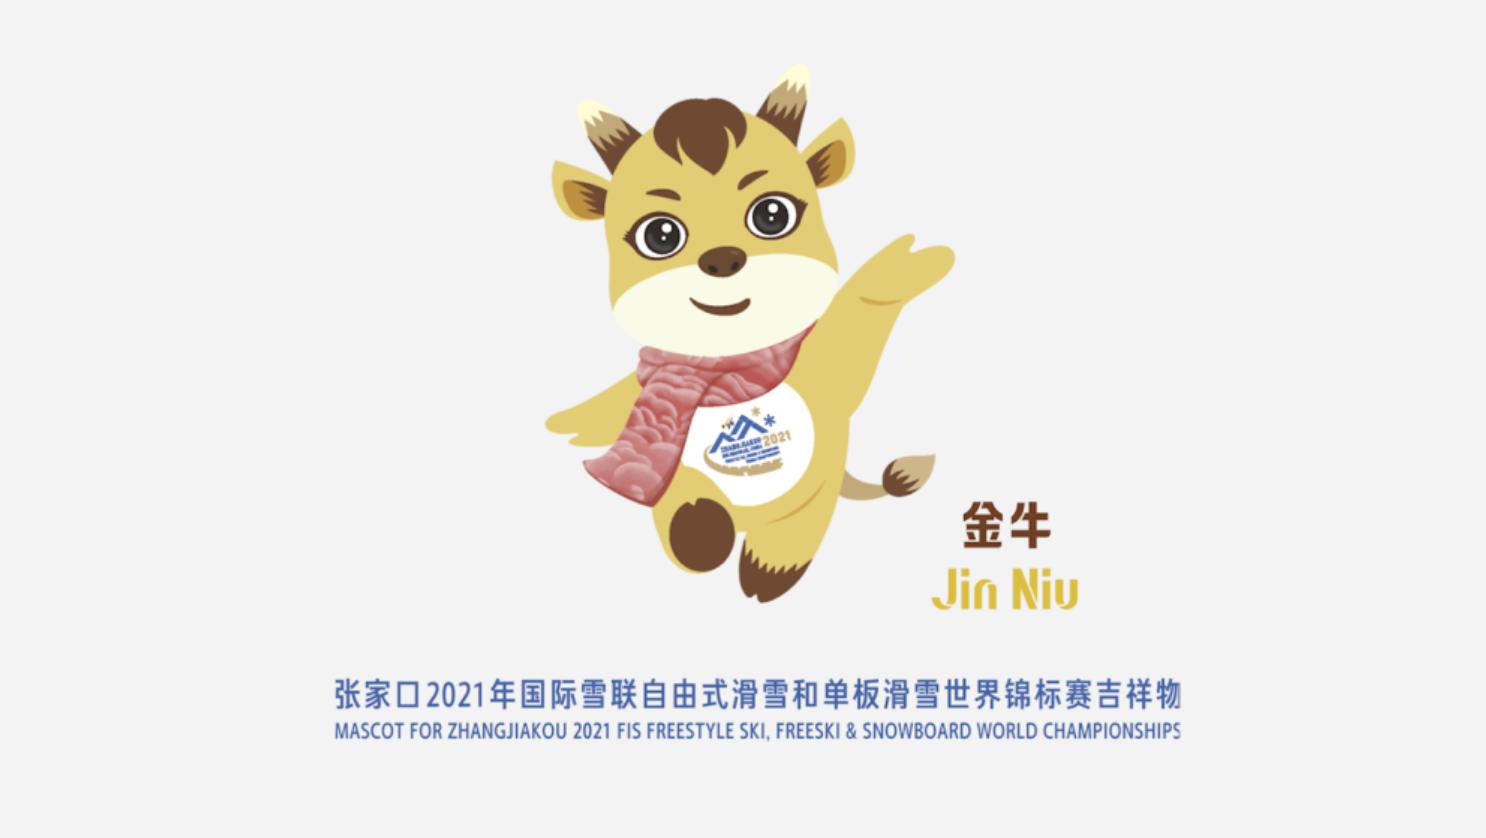 张家口2021年国际雪联自由式滑雪和单板滑雪世锦赛吉祥物发布